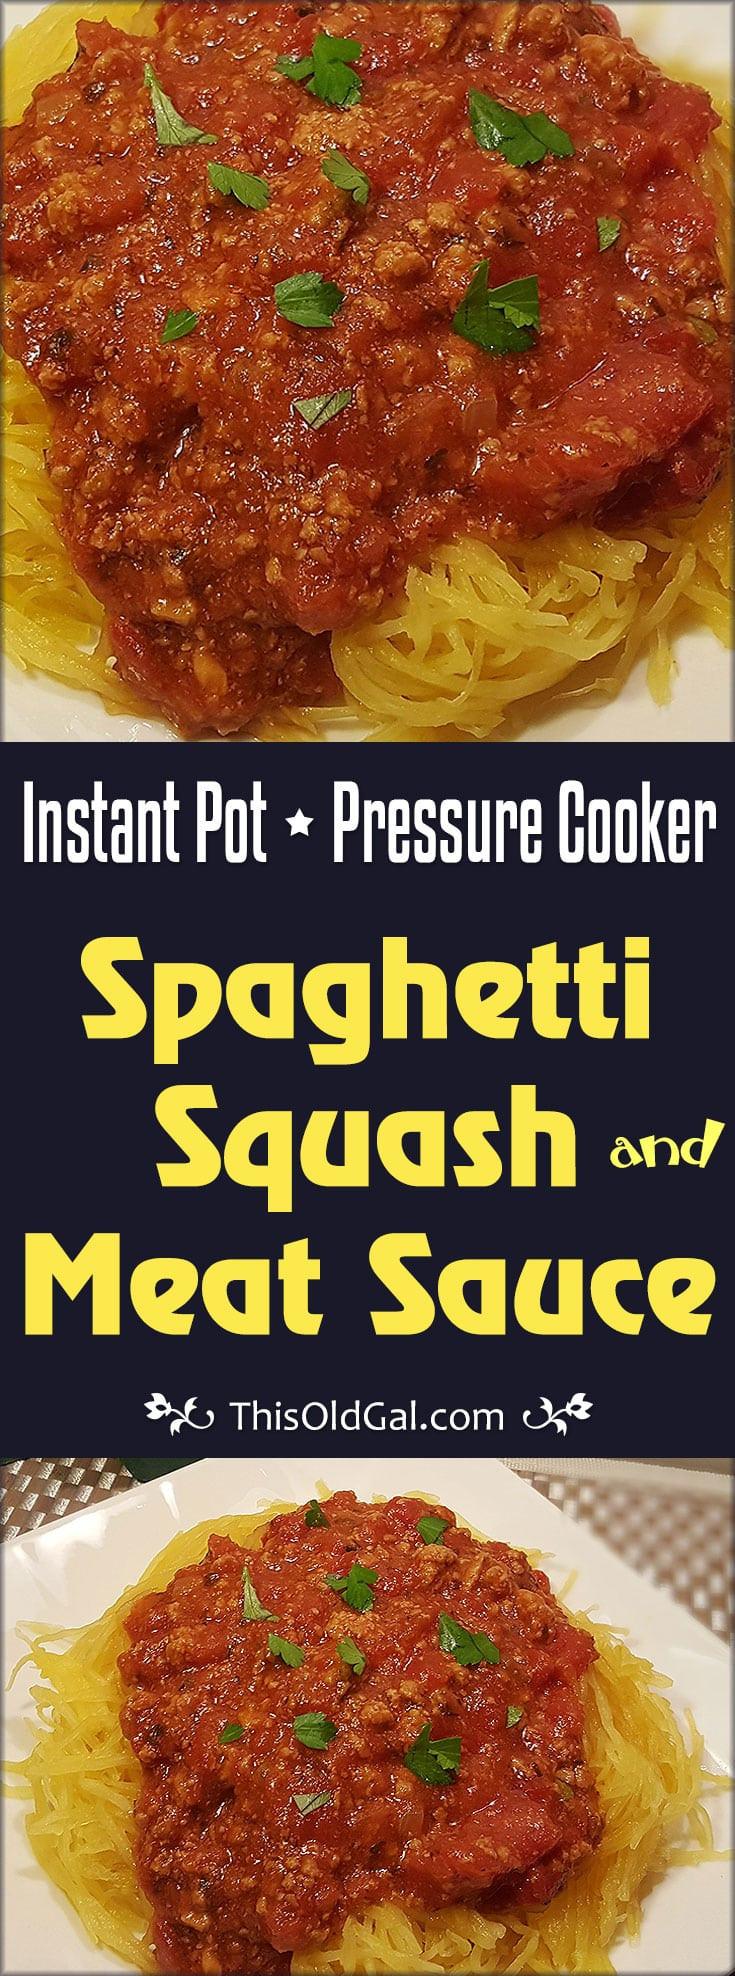 Spaghetti Squash In Pressure Cooker  Instant Pot Pressure Cooker Spaghetti Squash and Meat